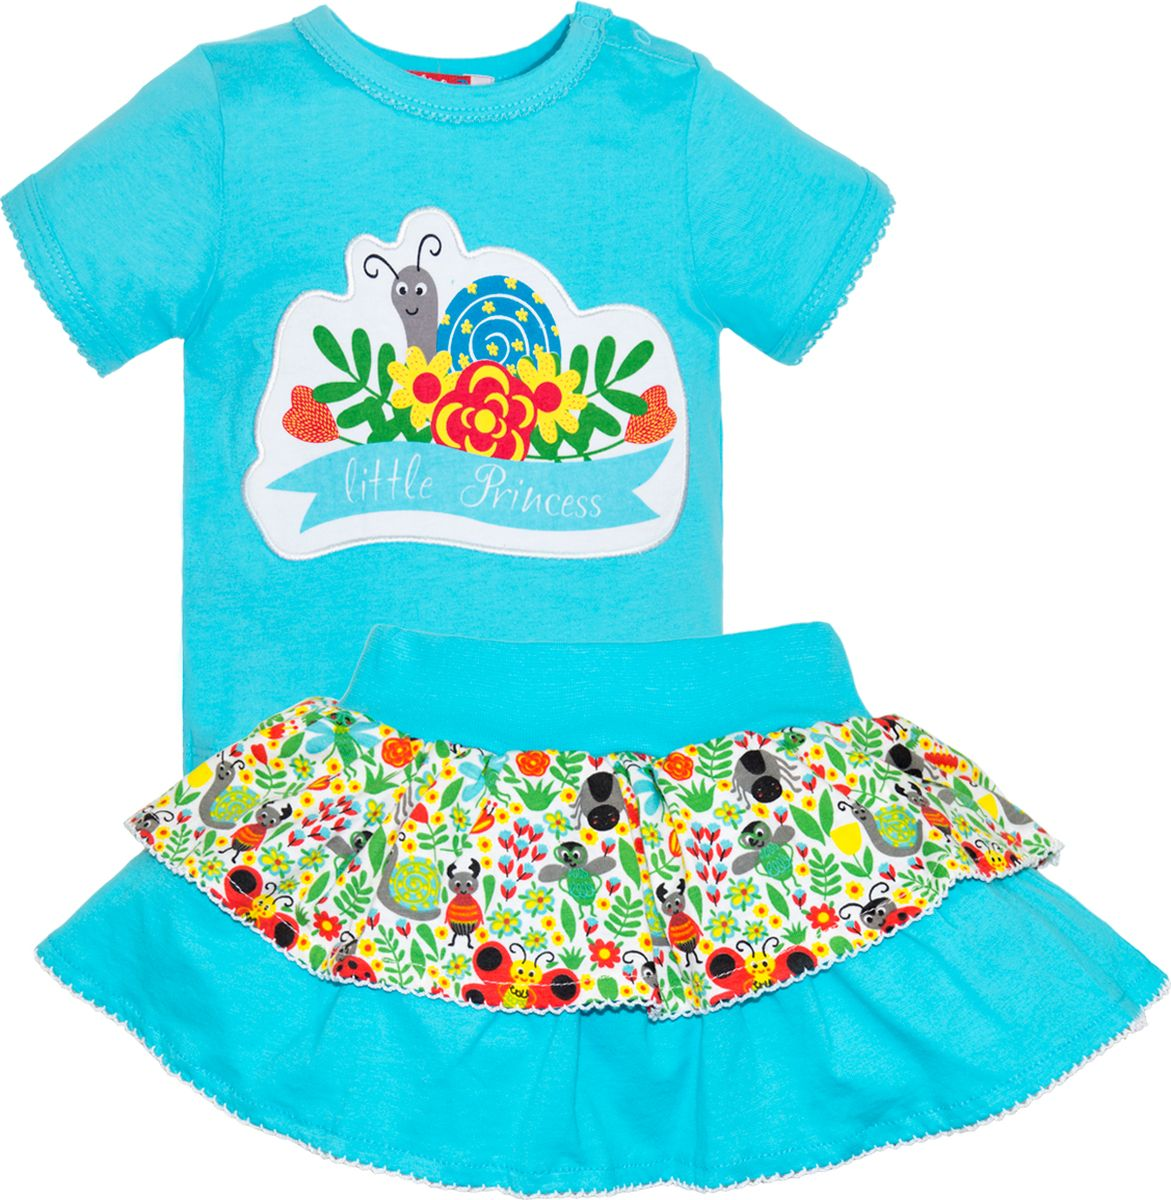 Комплект одежды для девочки Let's Go: футболка, юбка, цвет: светло-бирюзовый. 4131. Размер 86